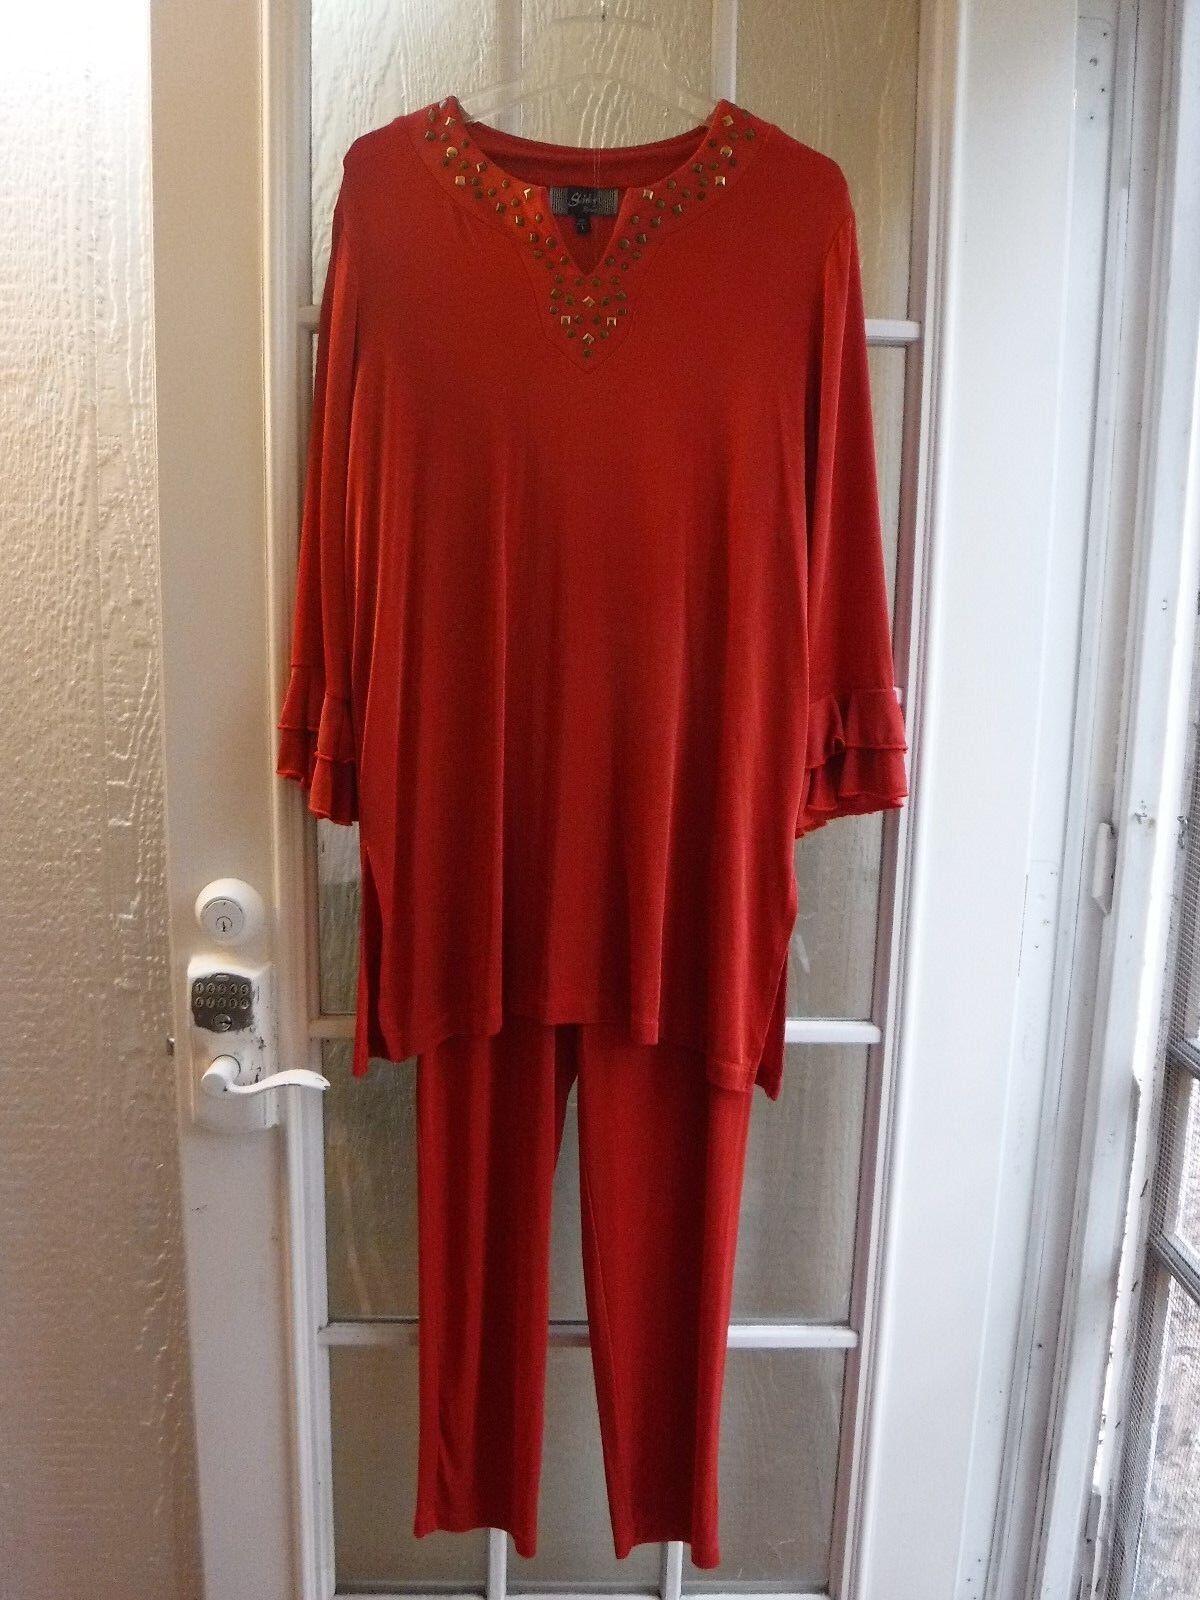 Slinky Brand Cayenne C Acetate&Spandex Blend Women's Pant Suit SZ L Excellent